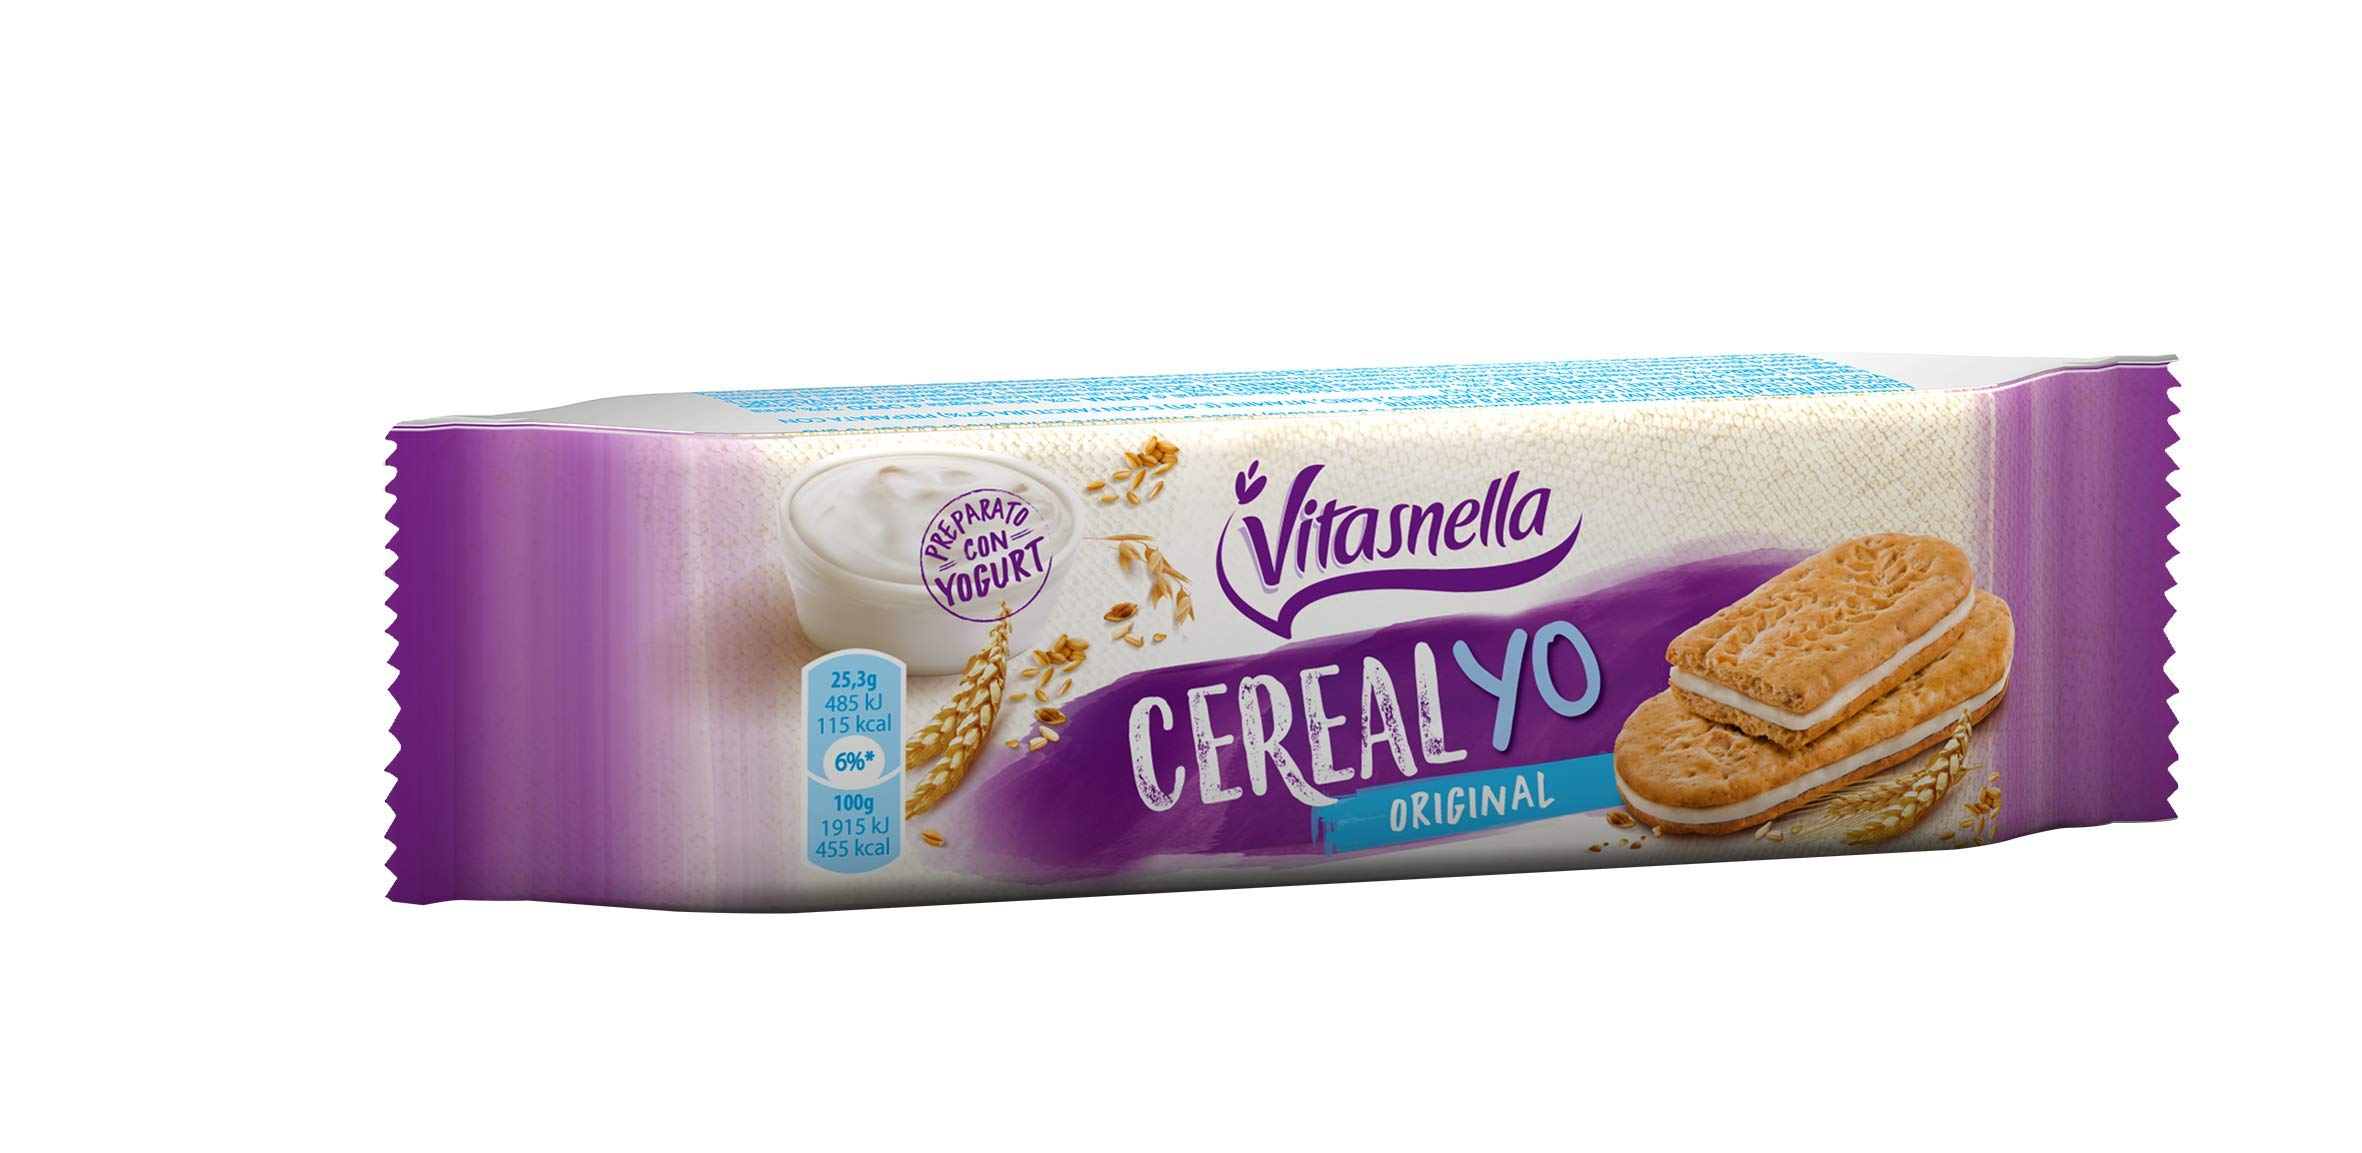 Vitasnella Cereal Yo Showbox - Confezione da 18 pezzi 2 spesavip